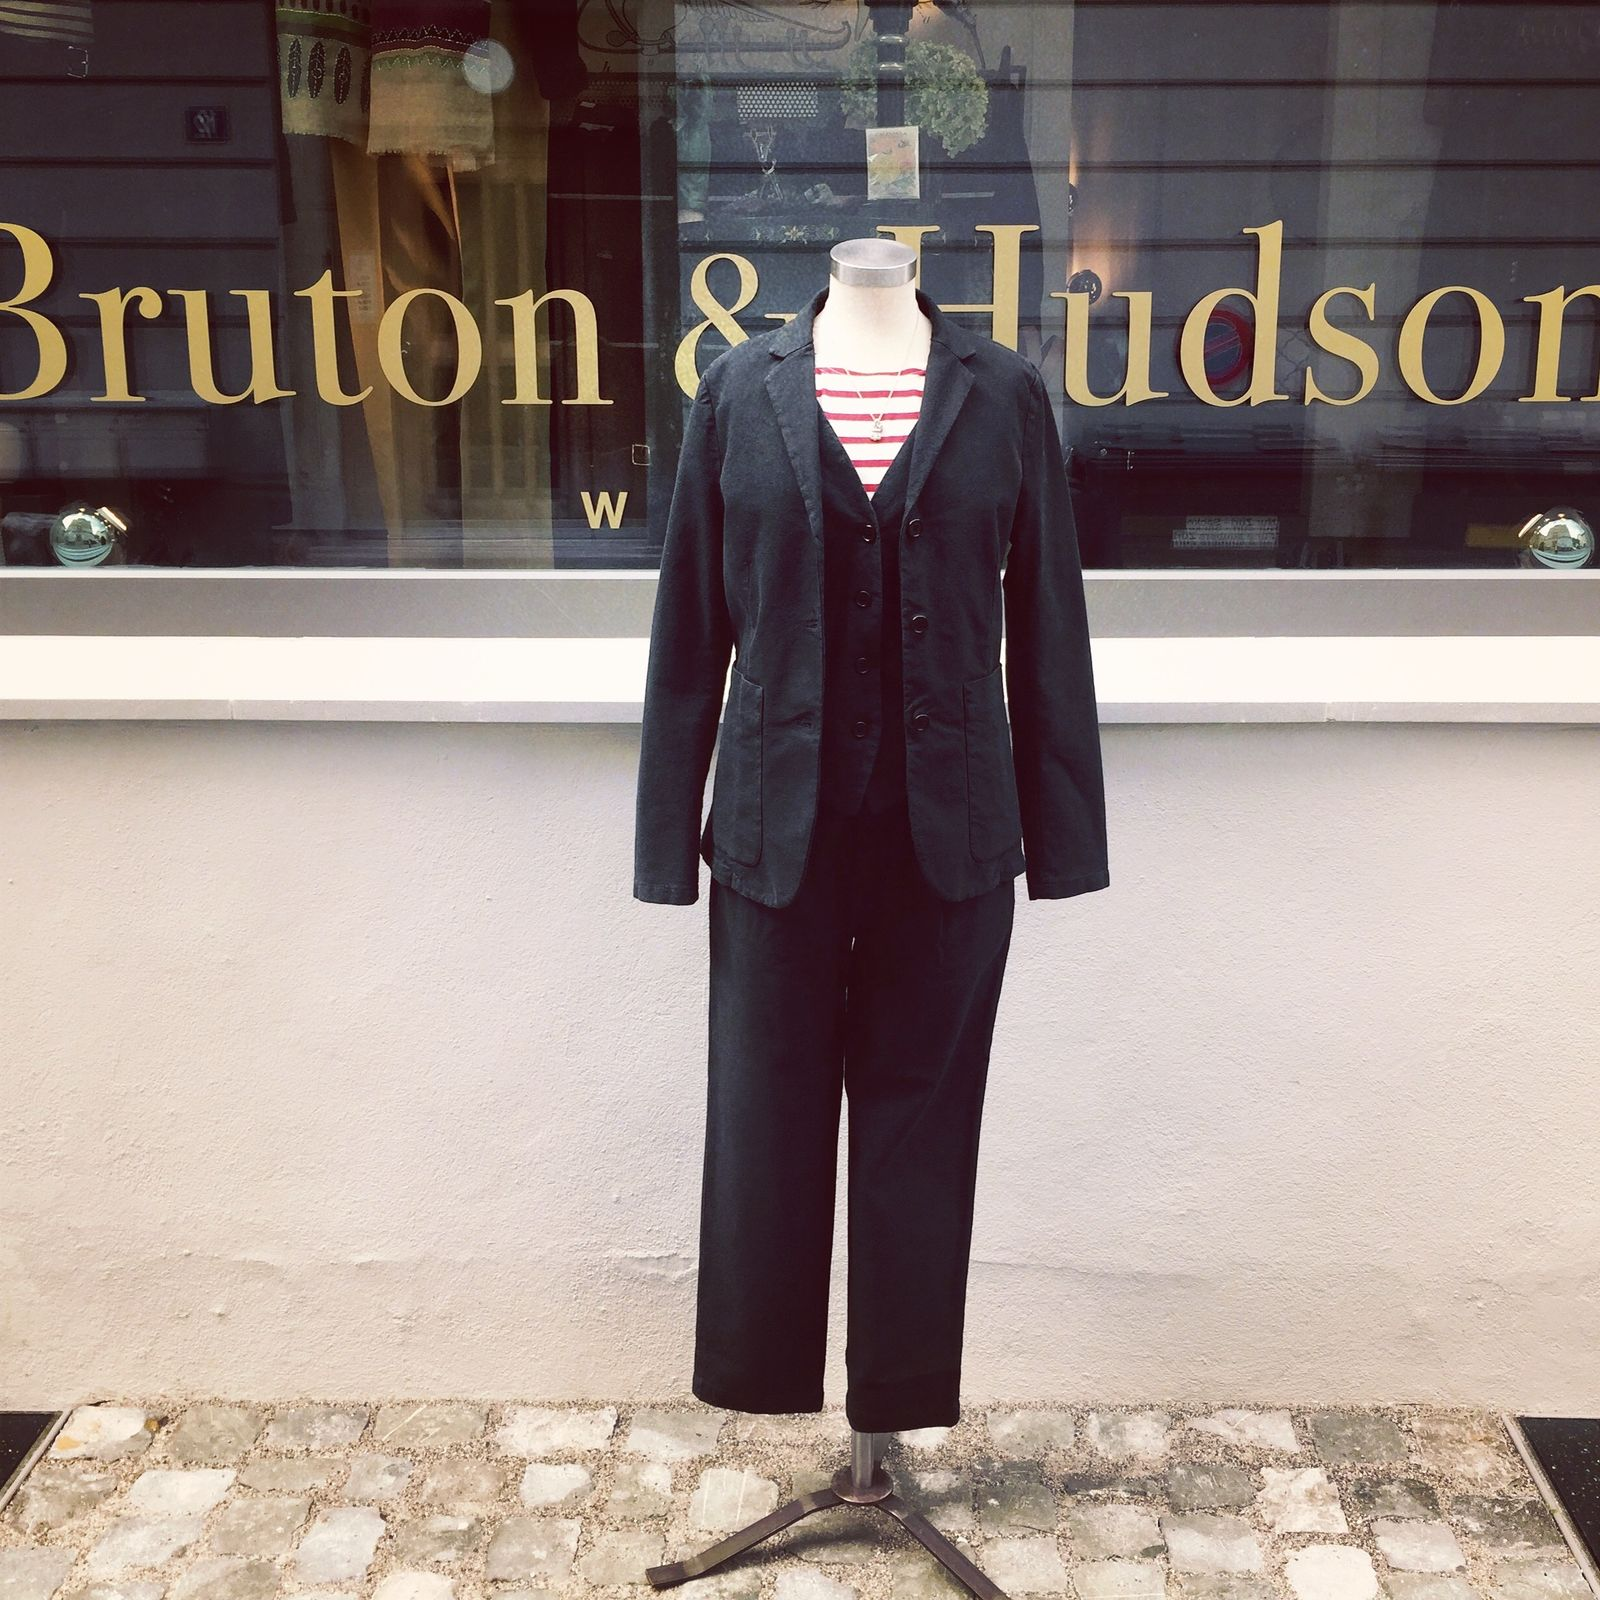 Bruton & Hudson in Zürich (Bild 1)